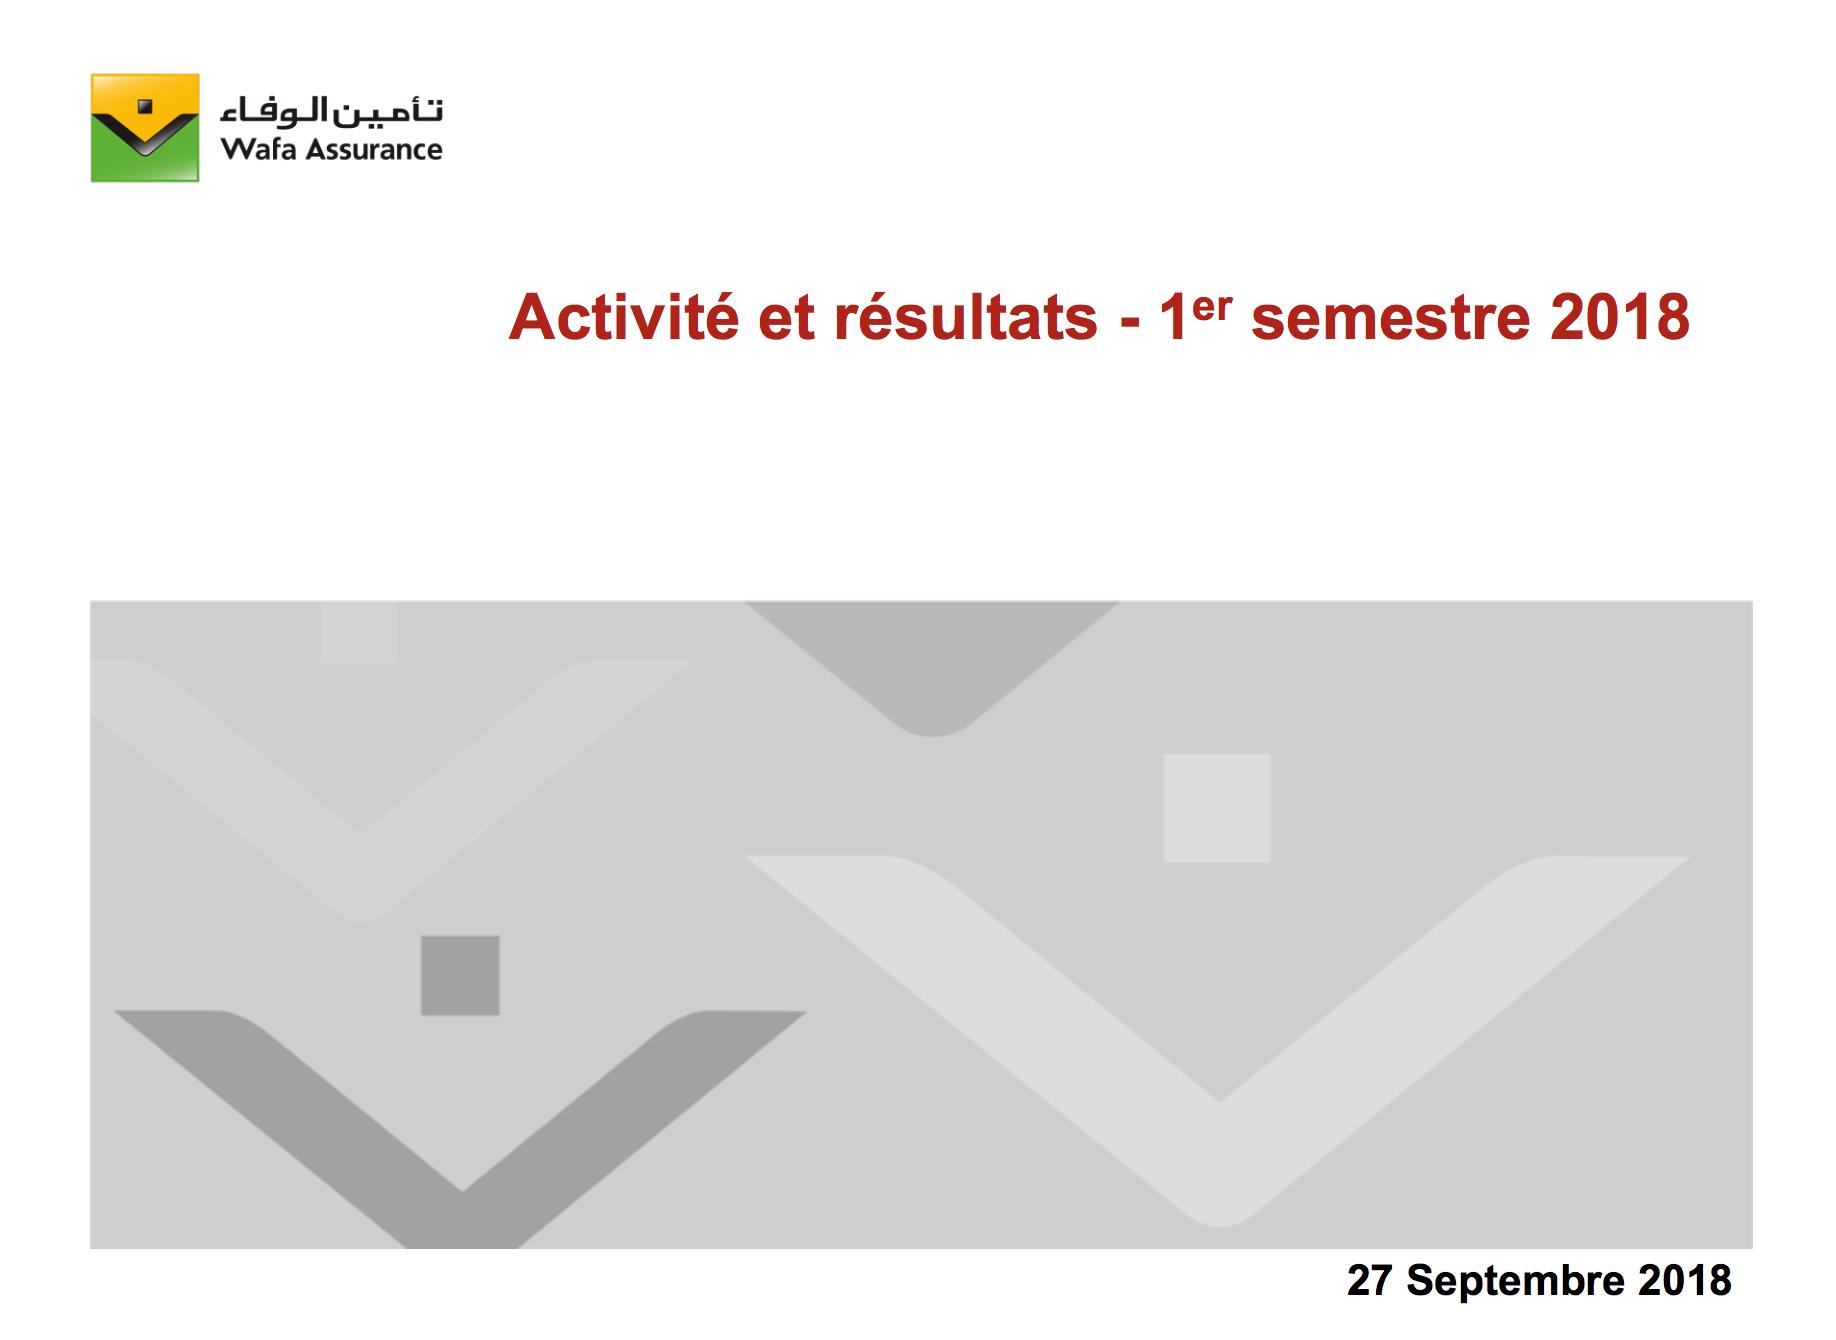 activite_et_resultats_1_er_semestre_2018